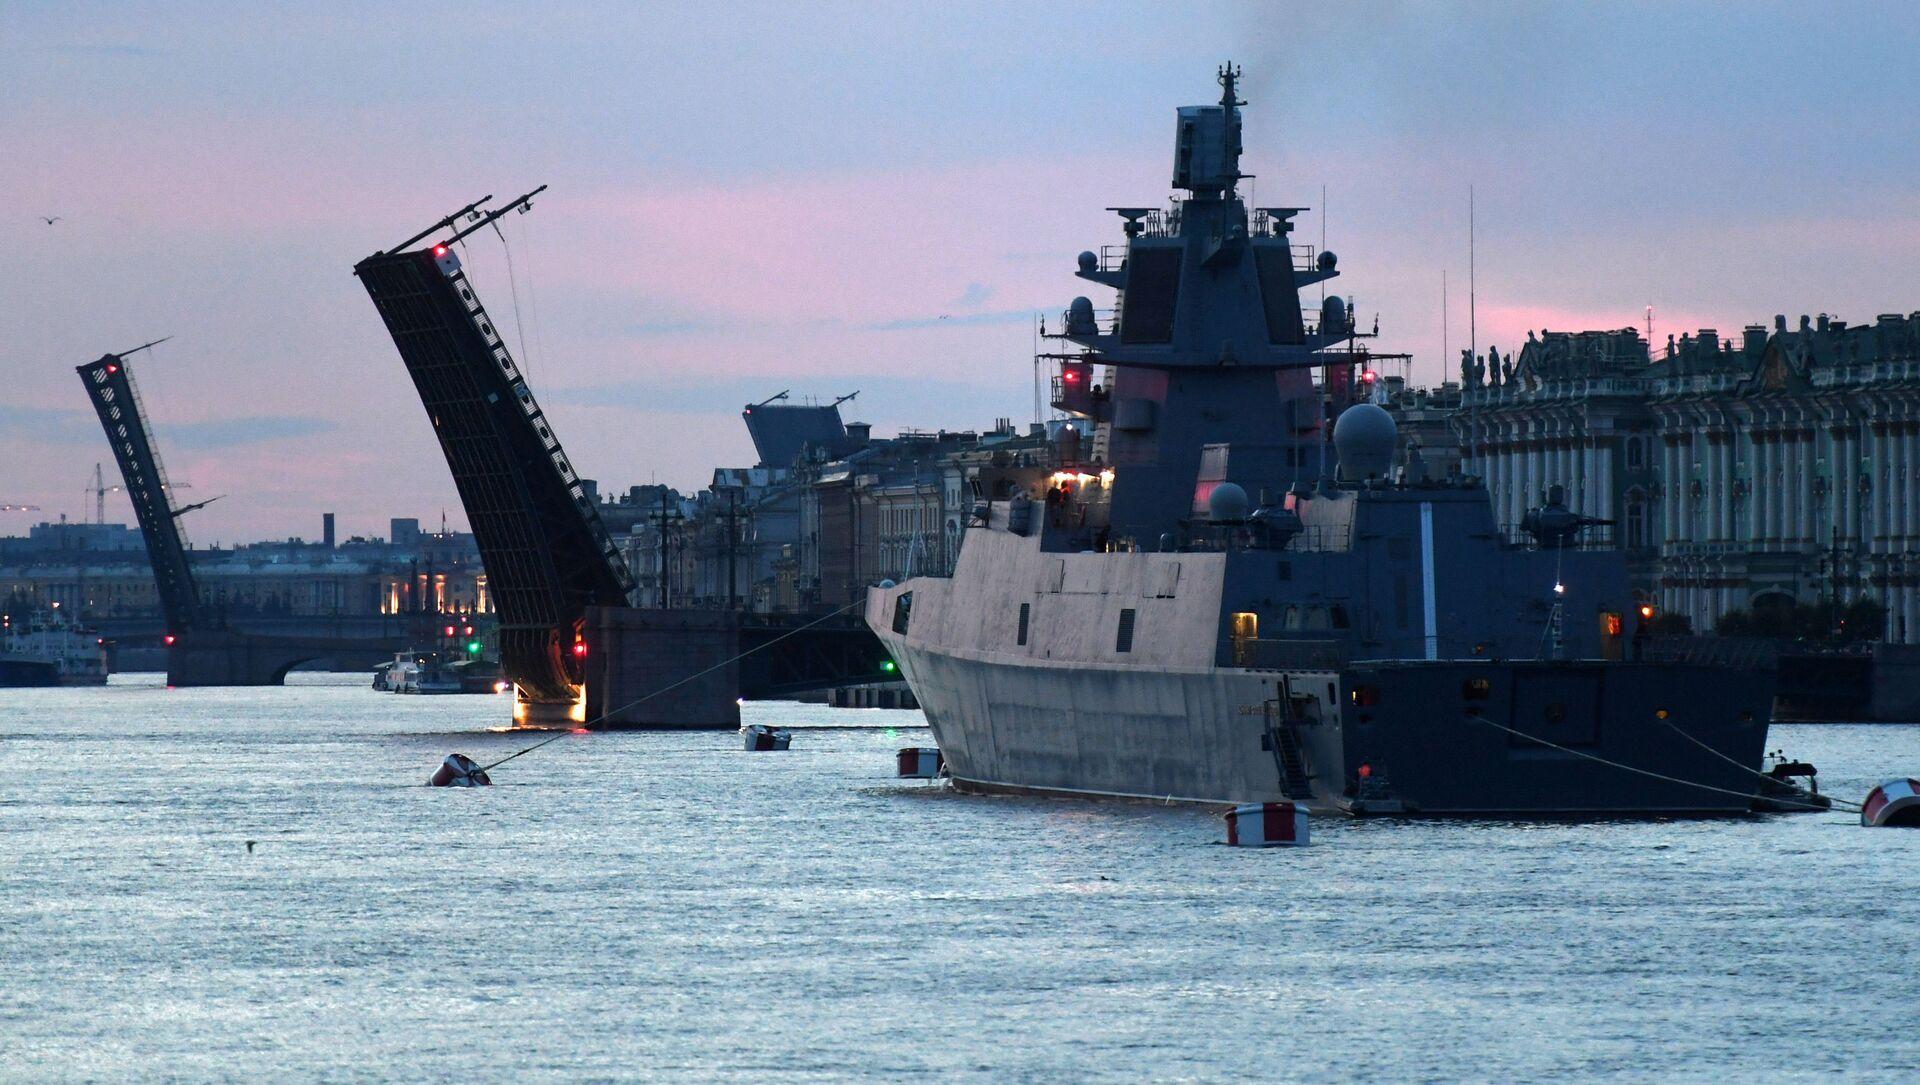 St. Petersburg'da Rusya Deniz Kuvvetleri Günü hazırlıkları - Sputnik Türkiye, 1920, 27.07.2021